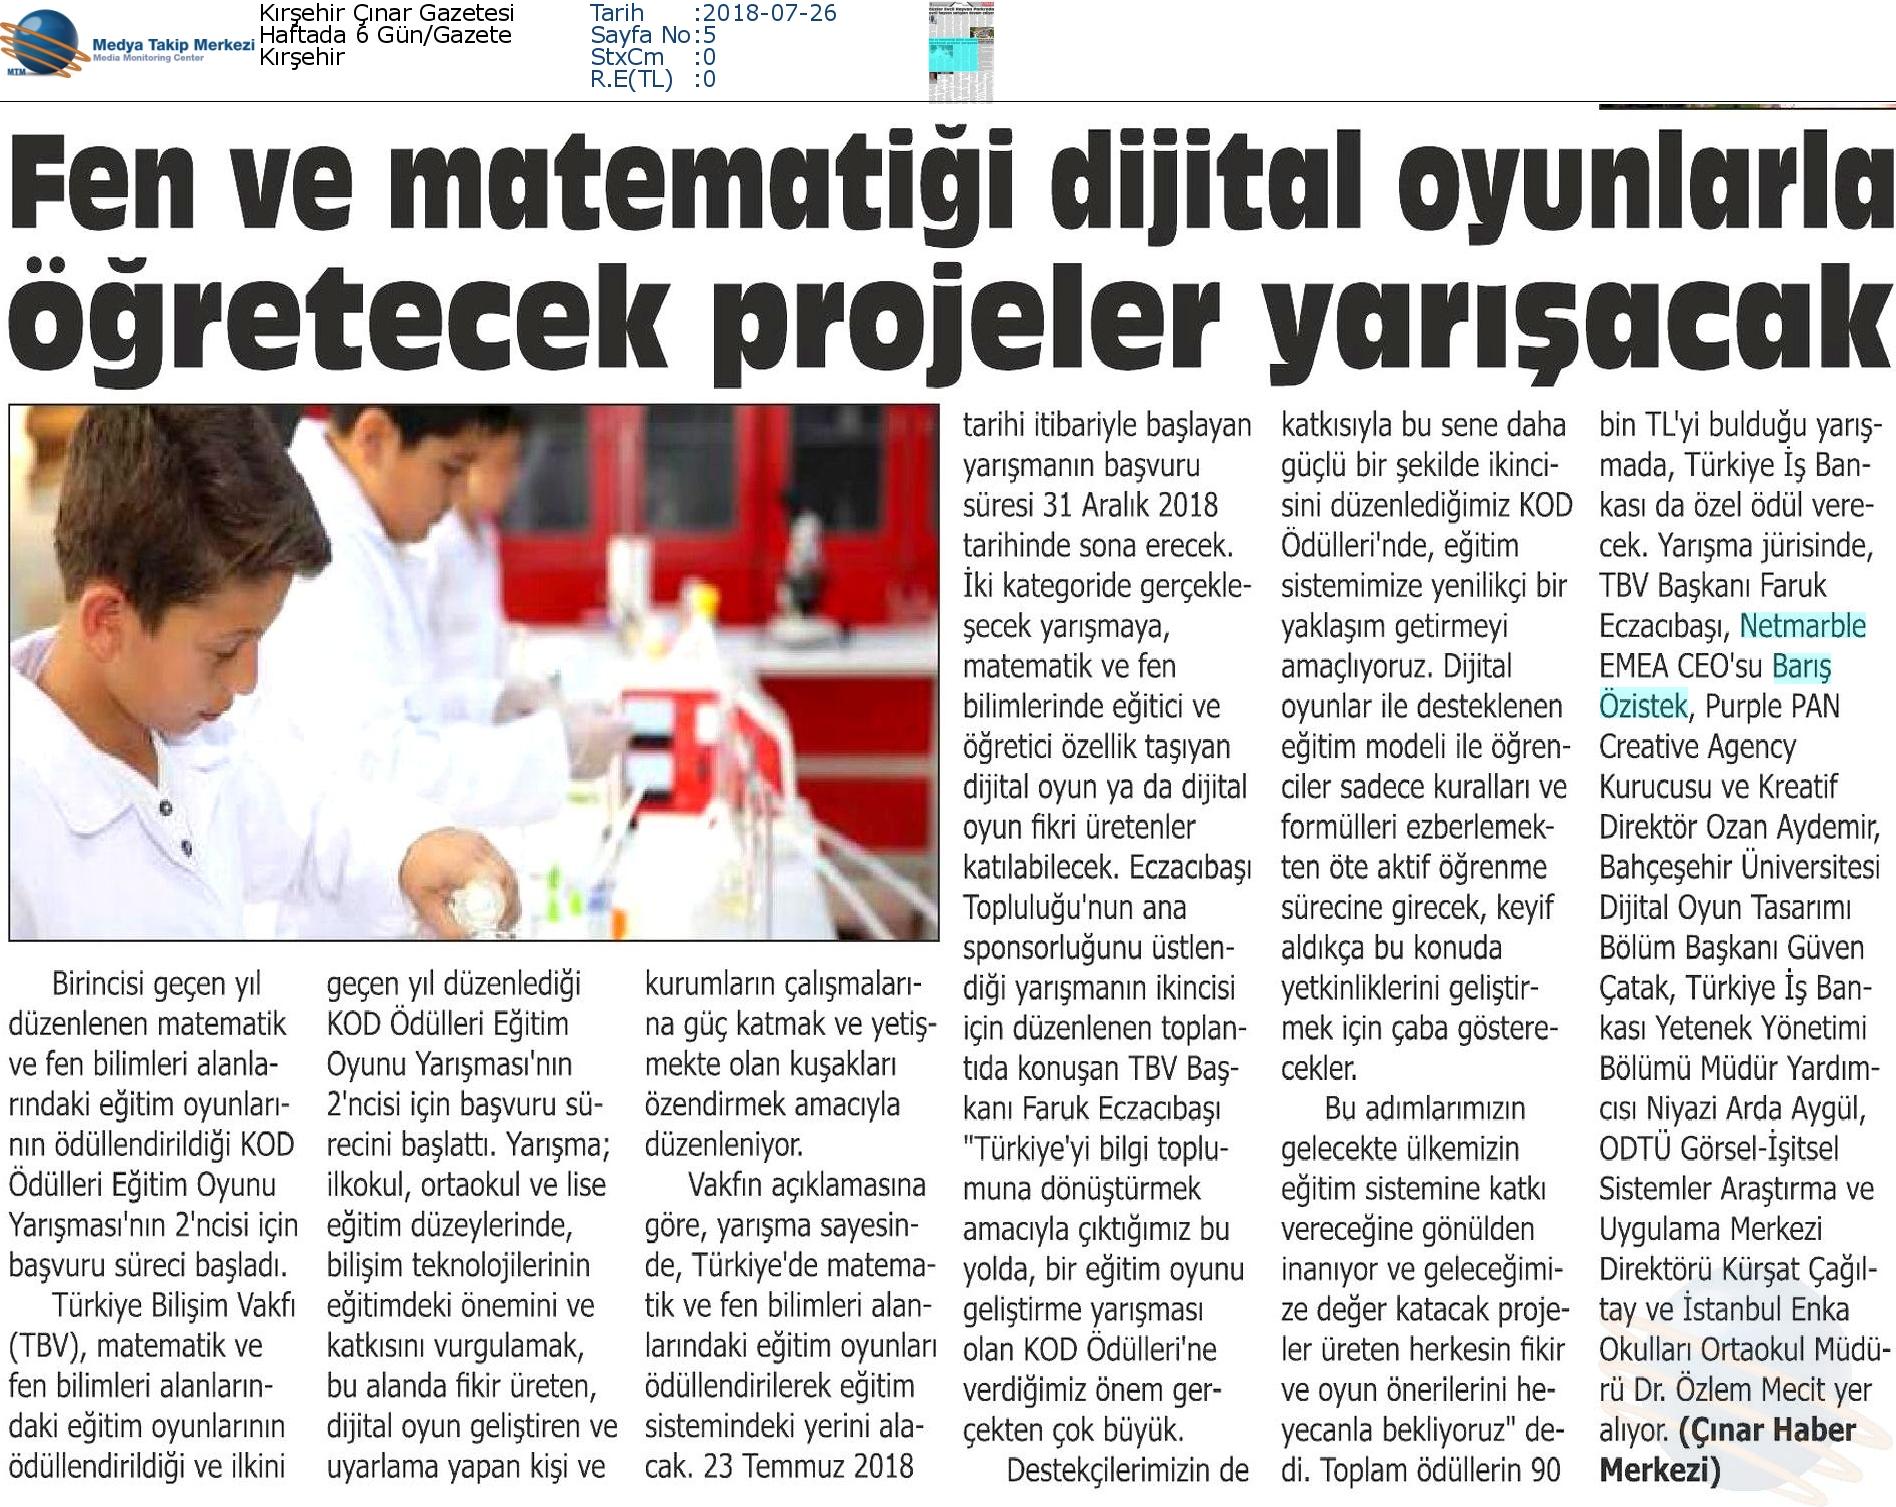 Kırşehir_Çınar_Gazetesi-FEN_VE_MATEMATİĞİ_DİJİTAL_OYUNLARLA_ÖĞRETECEK_PROJELER_YARIŞACAK-26.07.2018